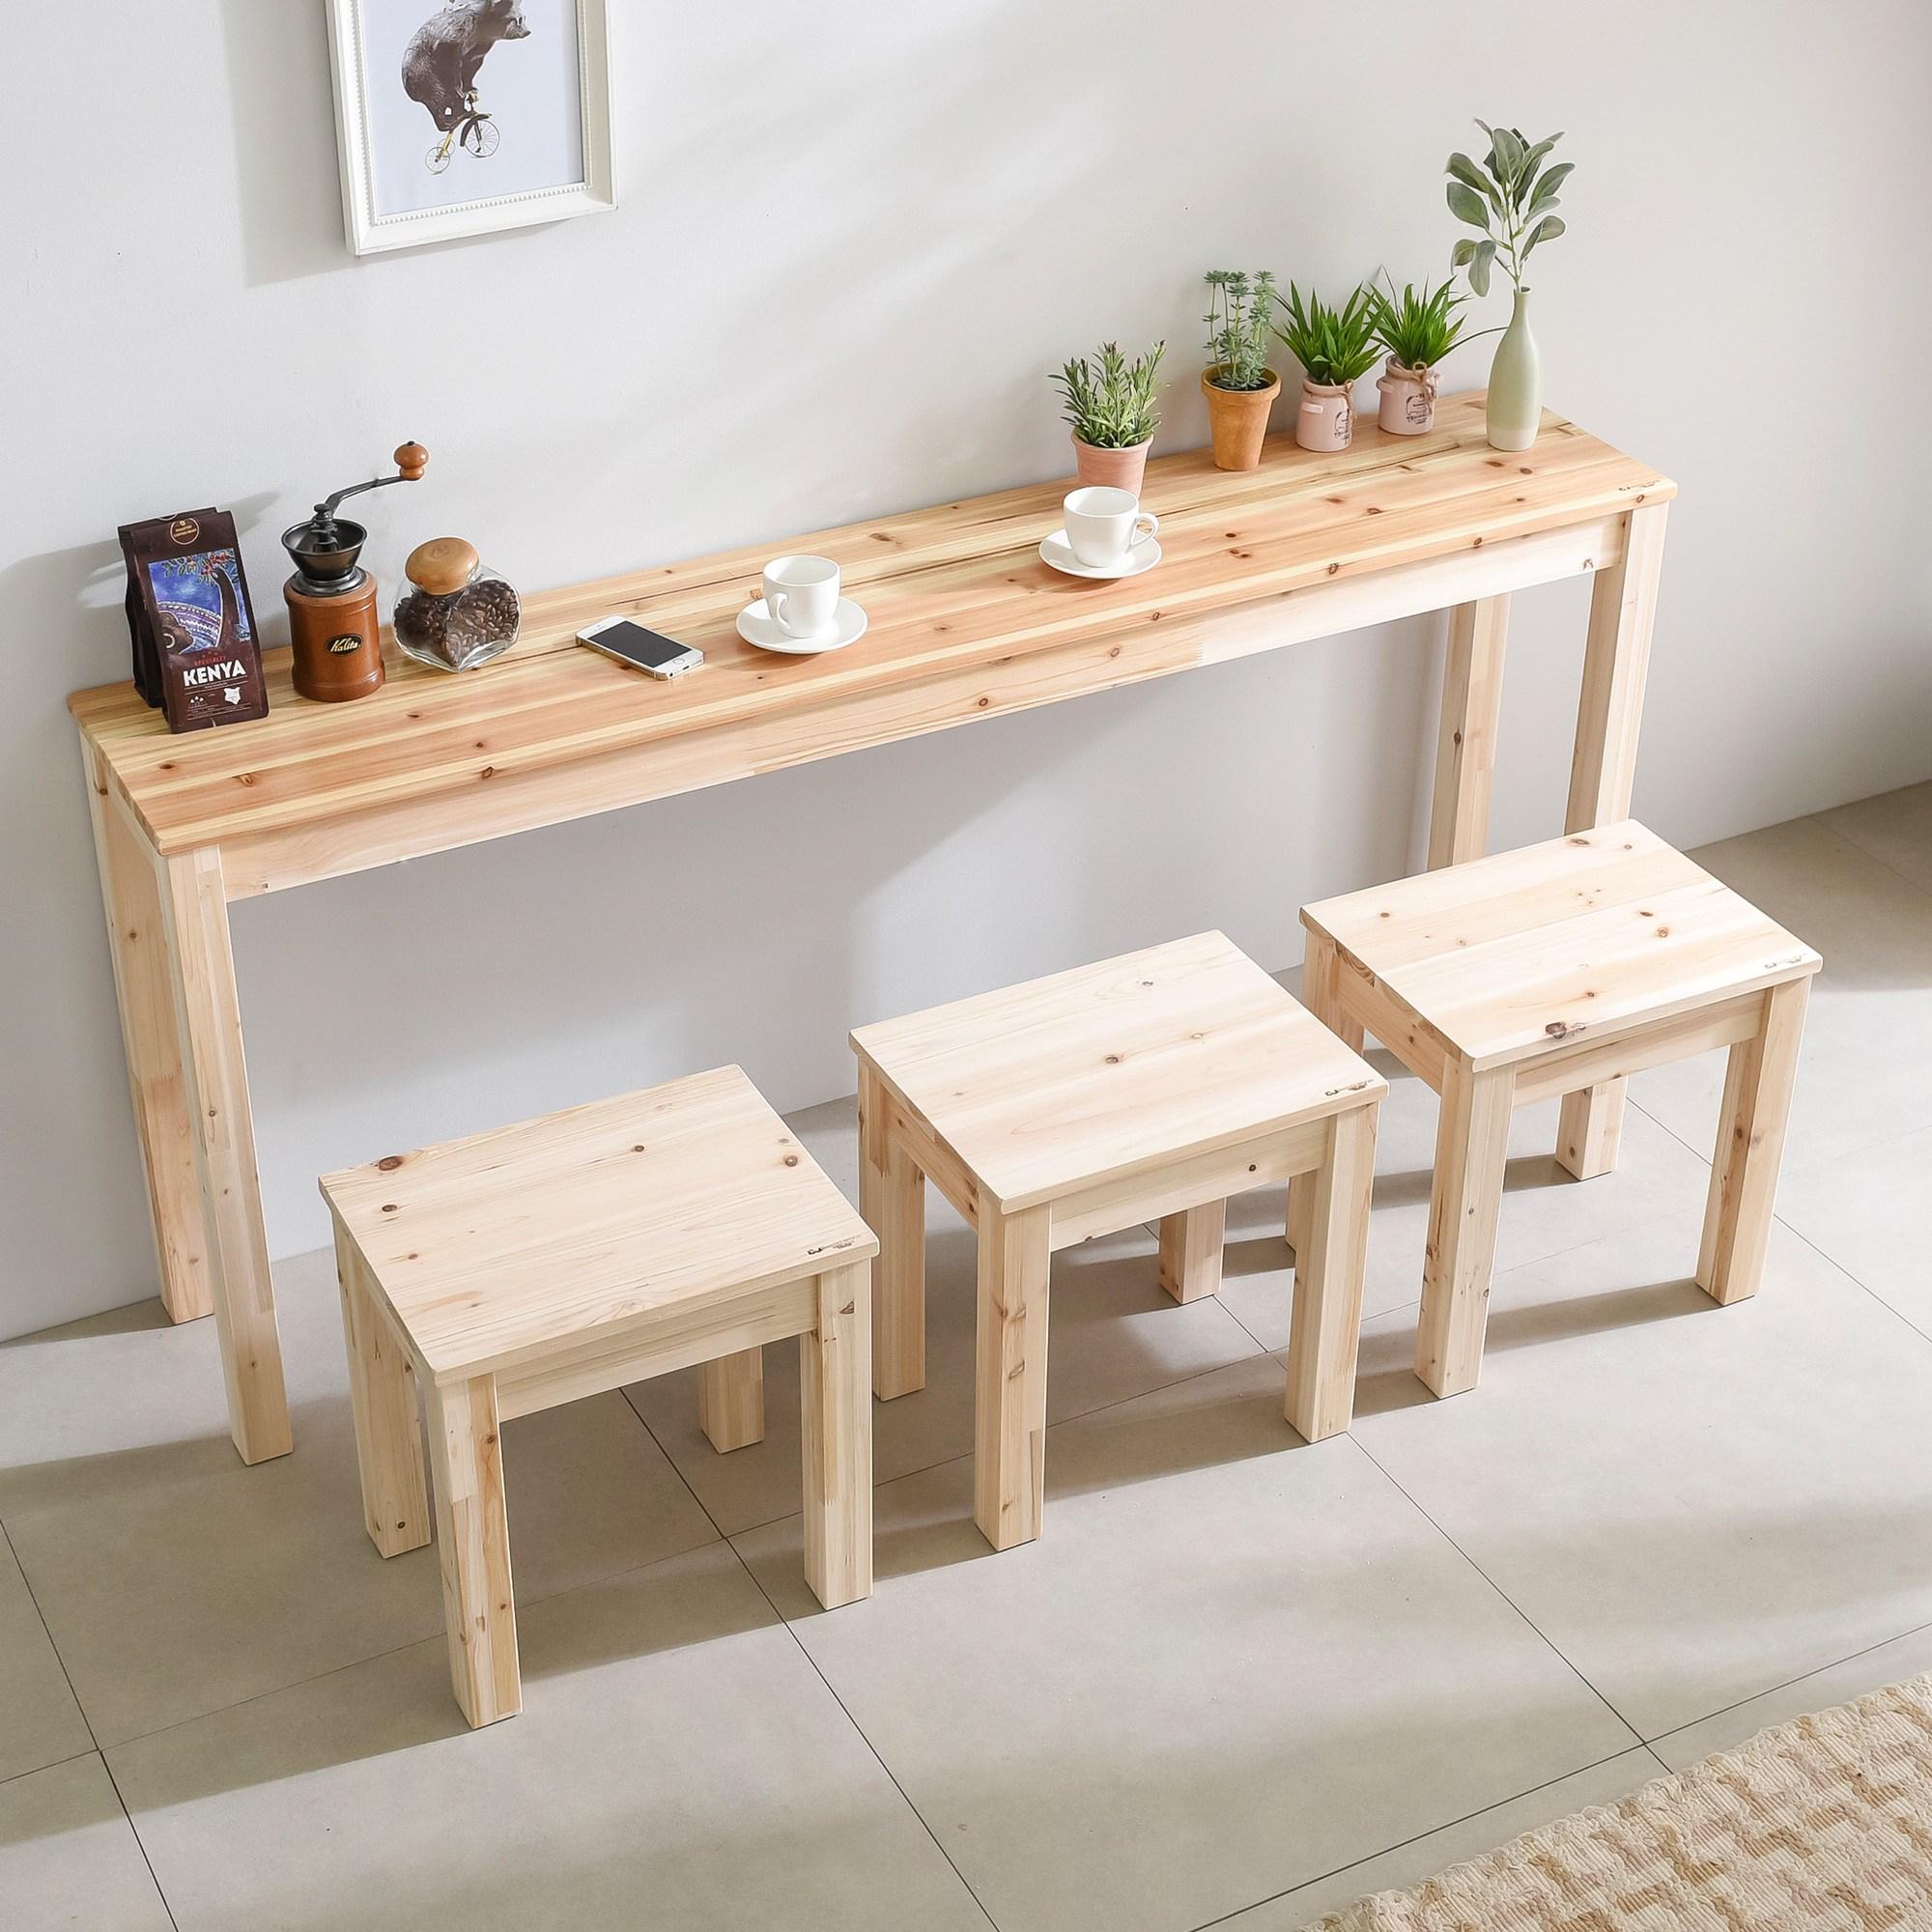 다니엘우드 아일랜드 160cm 홈바 원목 긴 테이블 사이드 보조식탁, 1600×300테이블(삼나무상판)_무도장